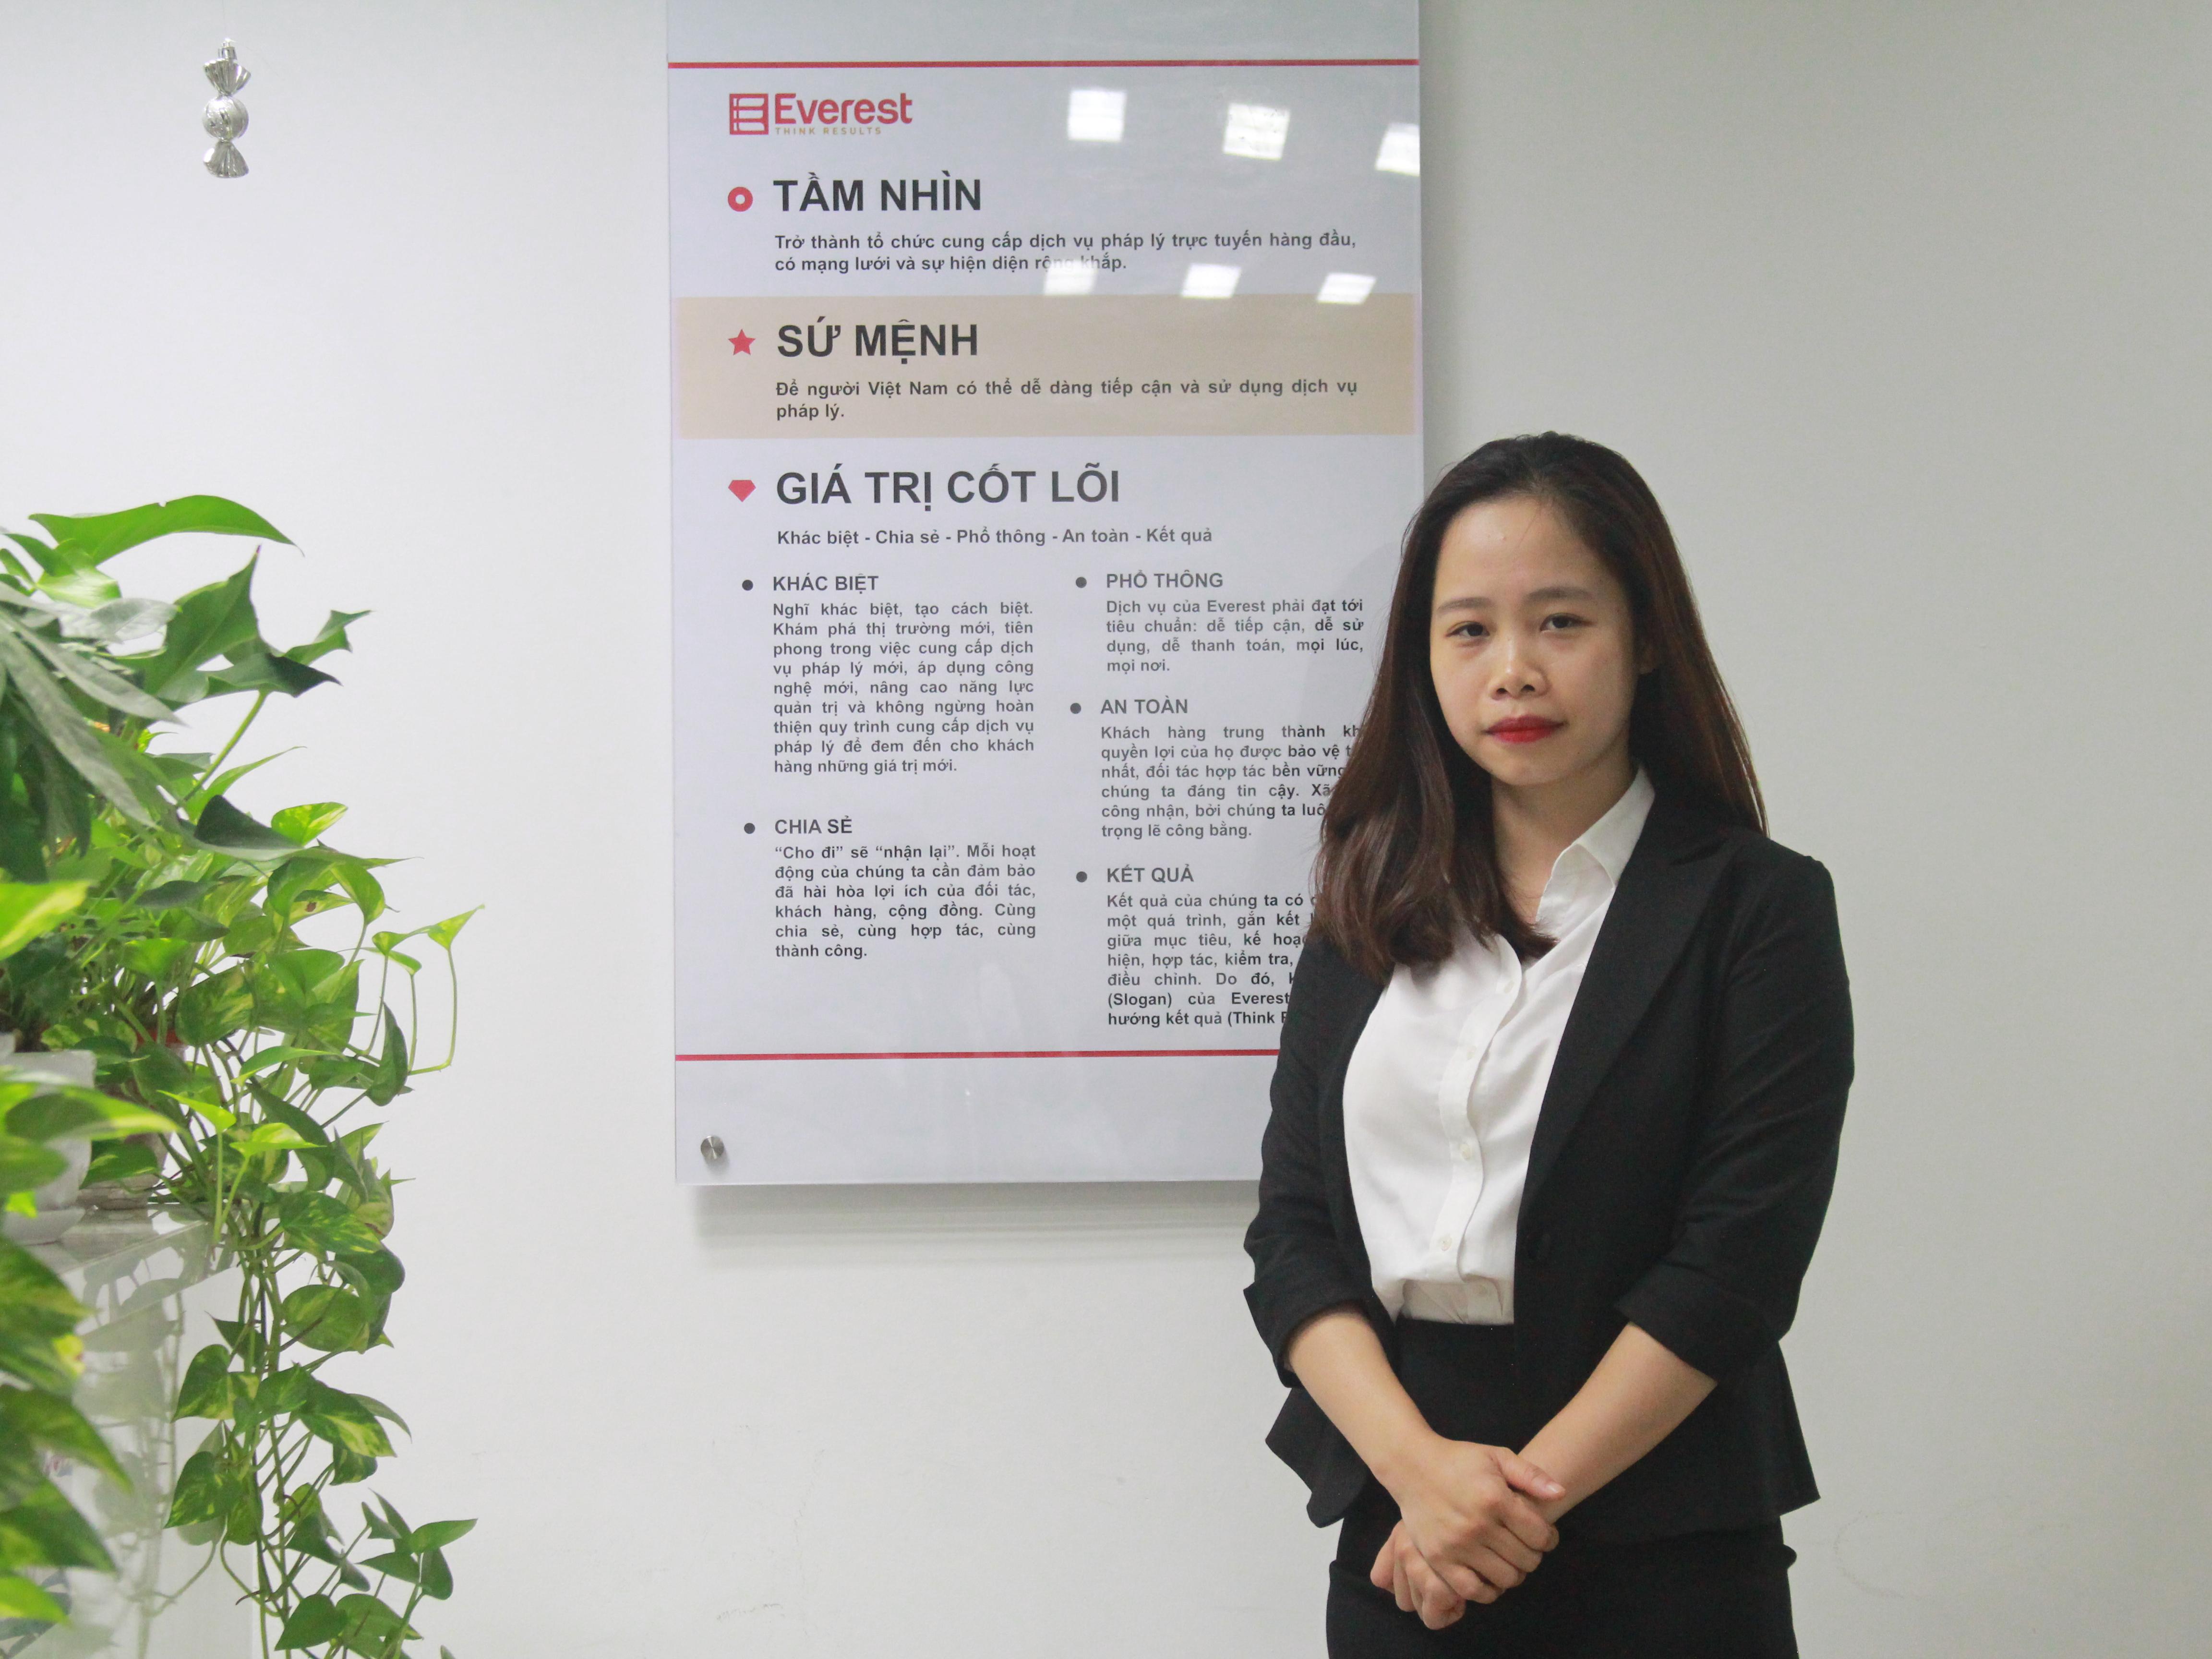 Luật sư Nguyễn Thị Hoài Thương - Công ty Luật TNHH Everest - Tổng đài tư vấn (24/7): 1900 6198